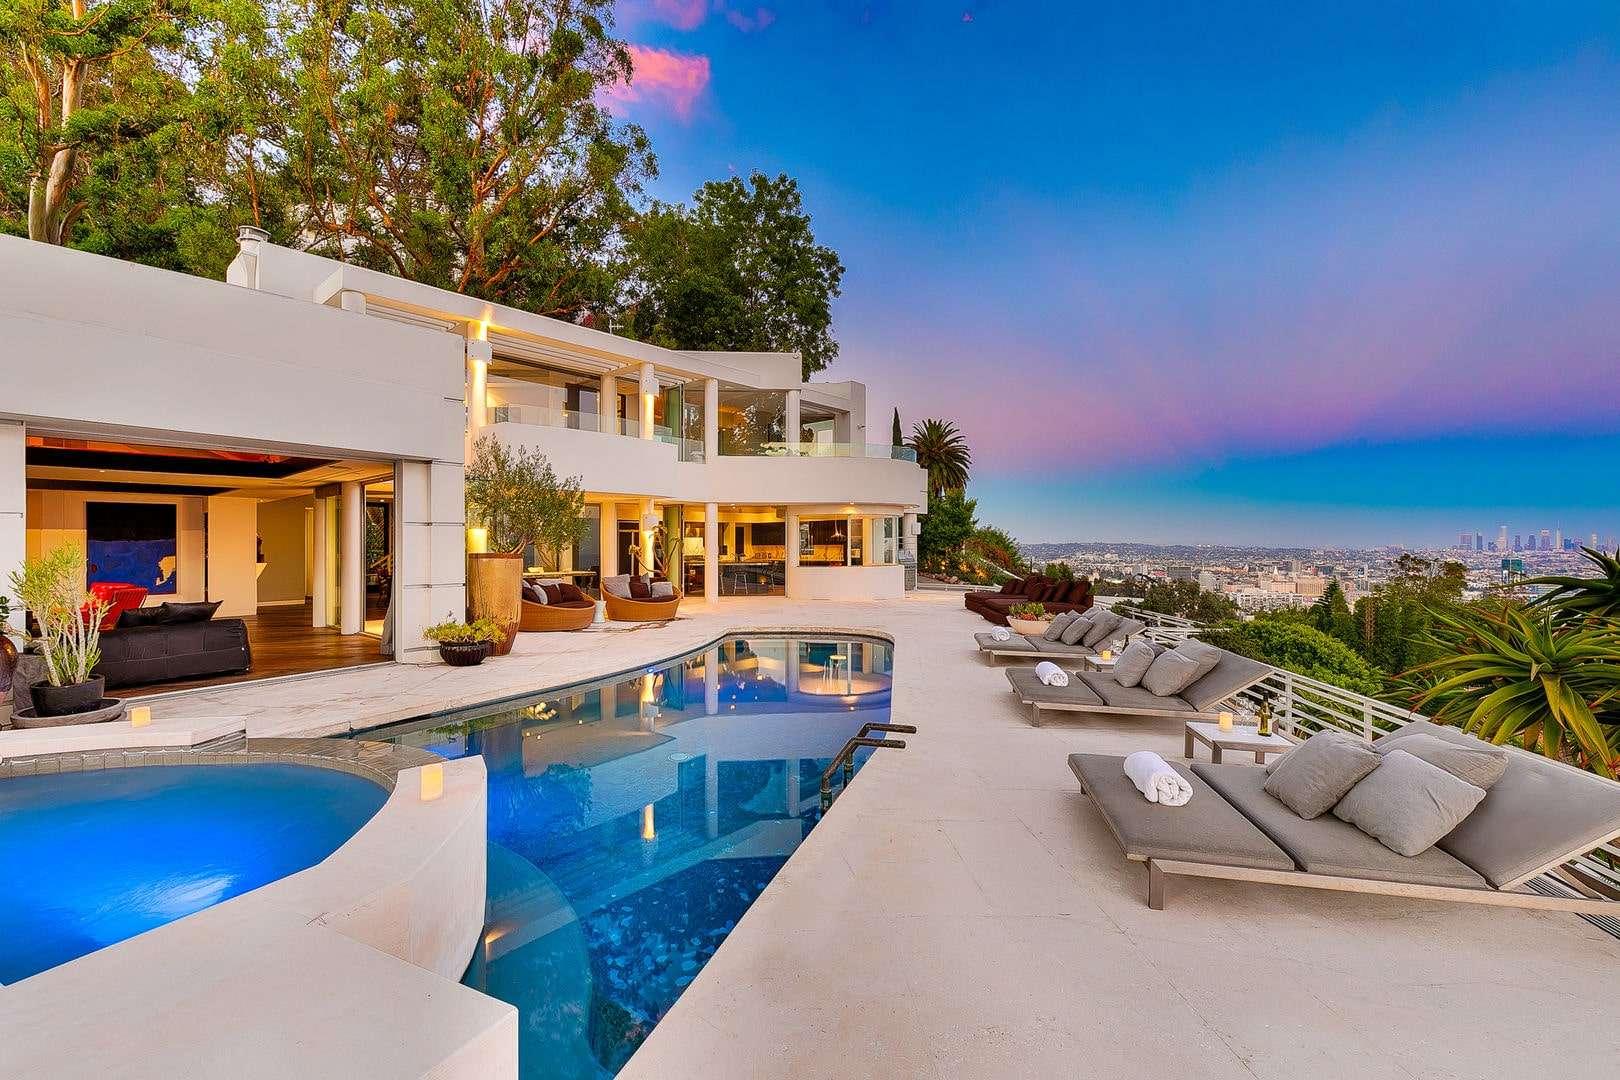 Luxury vacation rentals usa - California - Los angeles california - Hollywood hills ca - La La Land Estate - Image 1/46